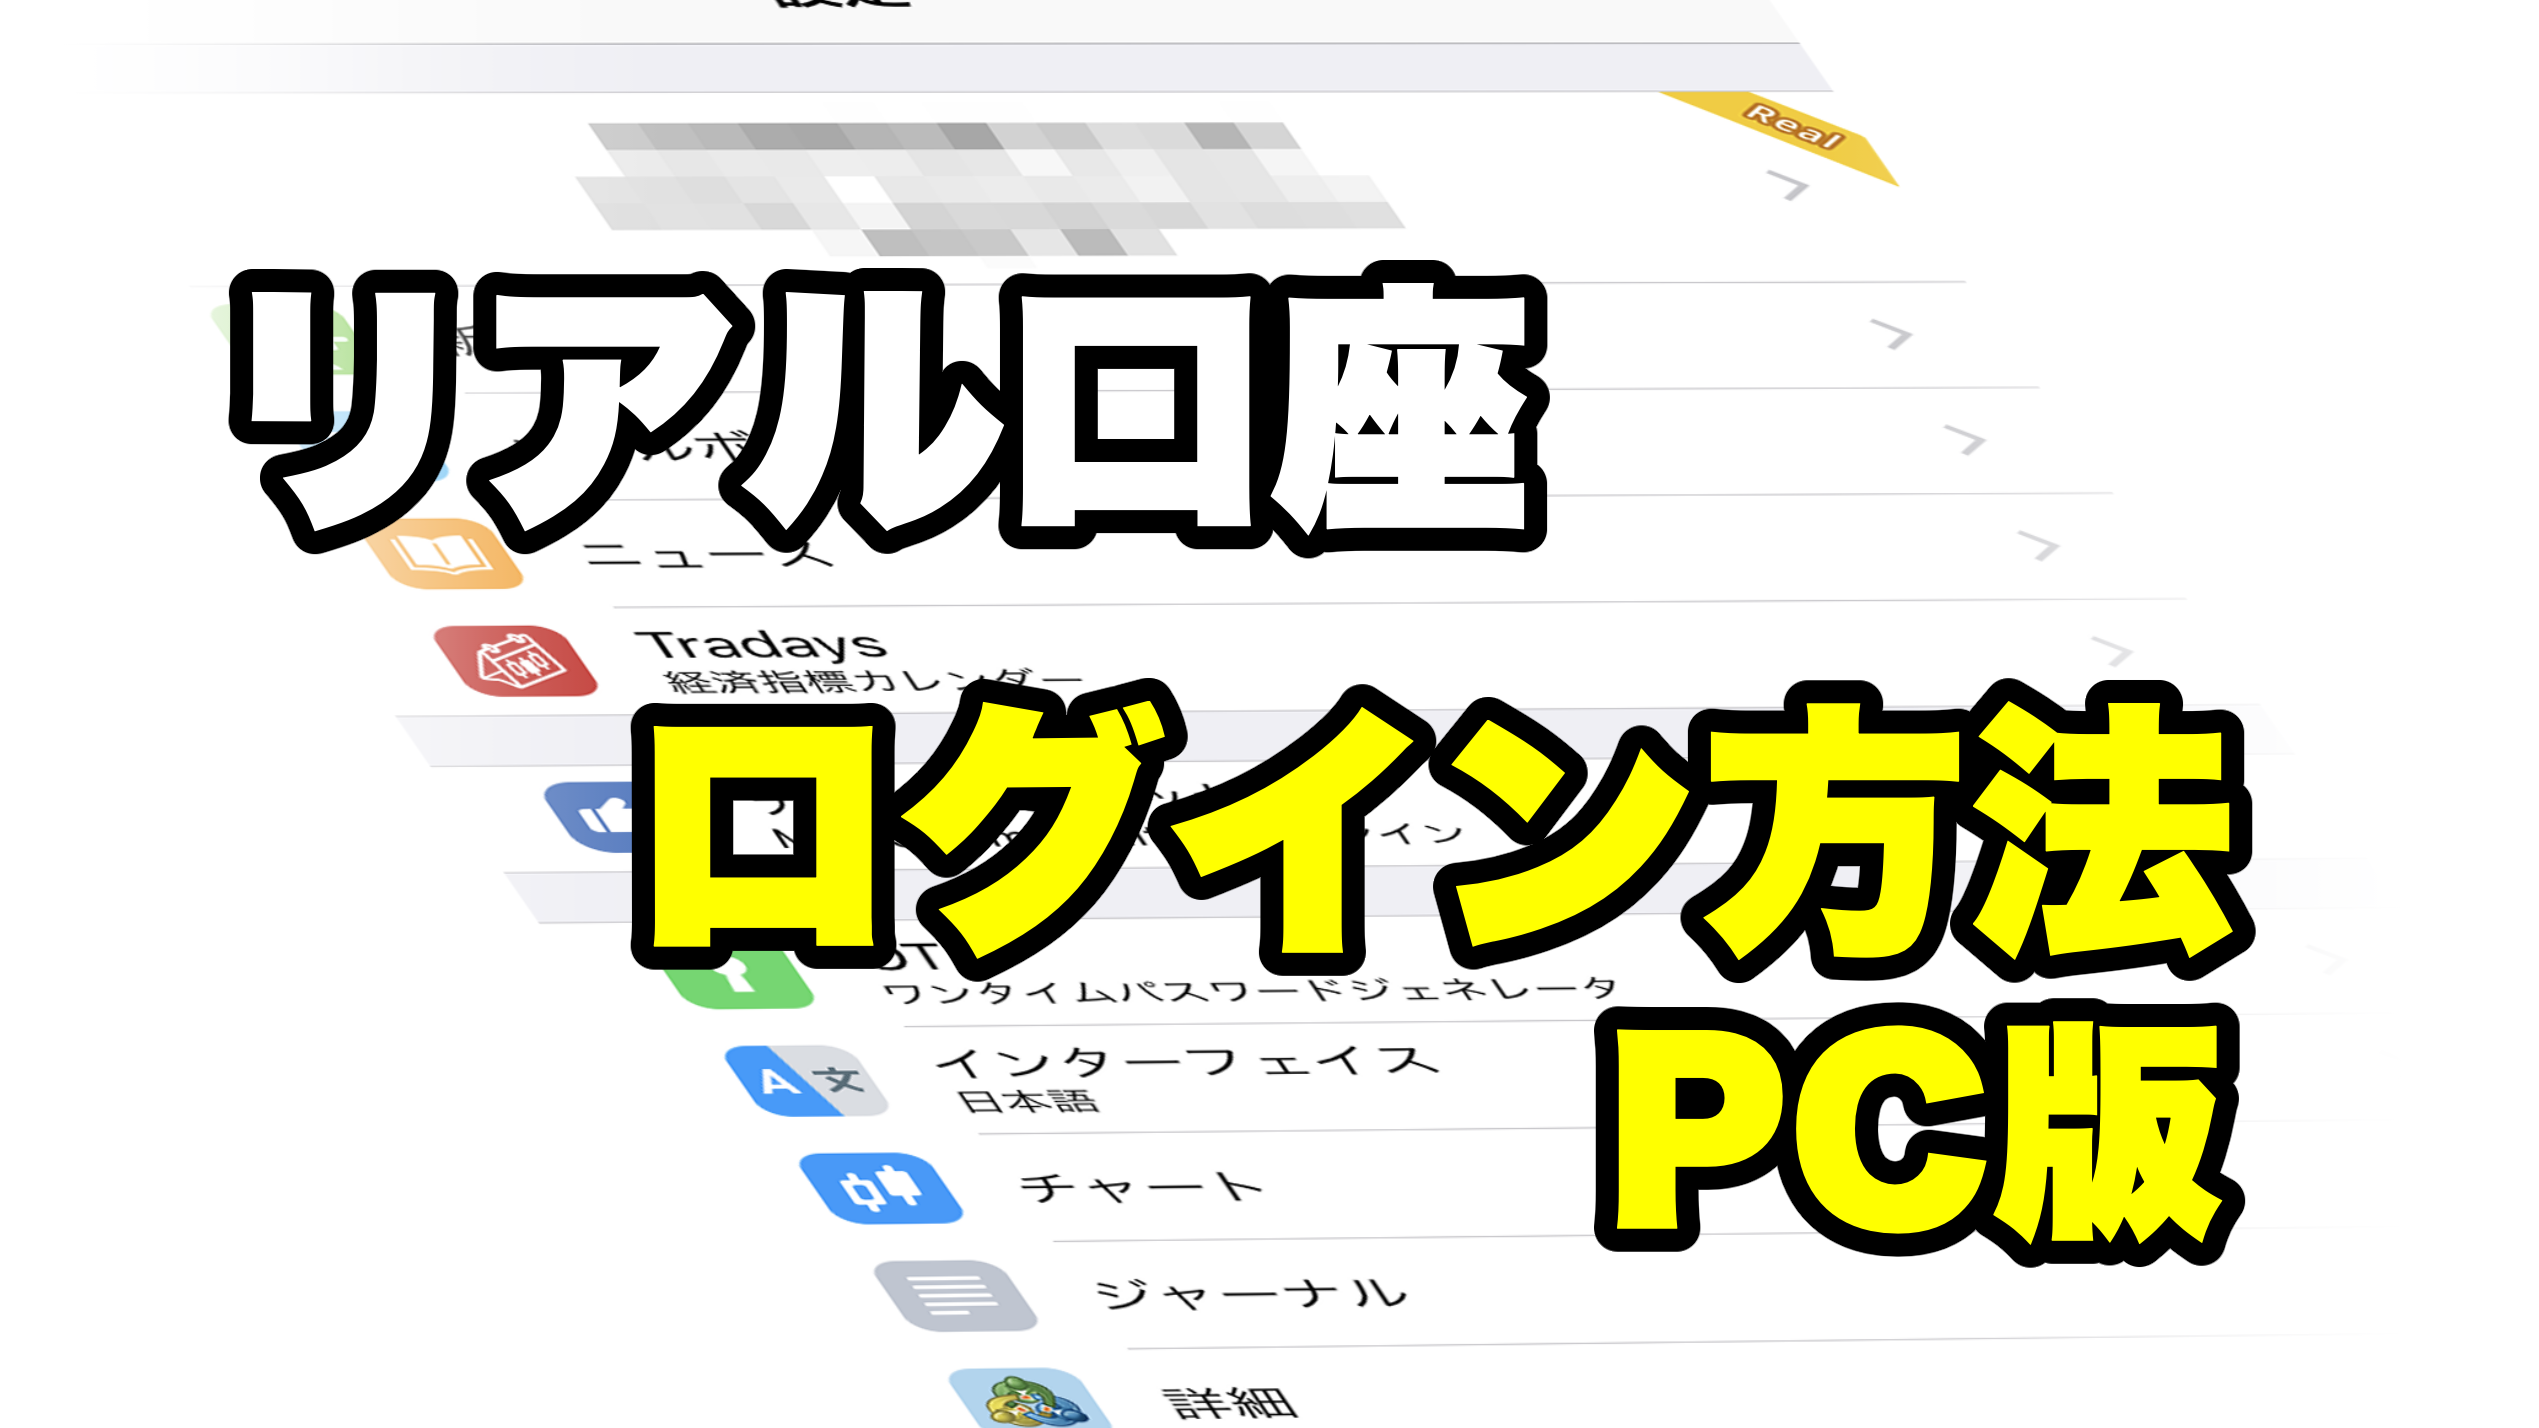 【オーリーアイランド3】のリアル口座簡単ログイン方法(PC版)